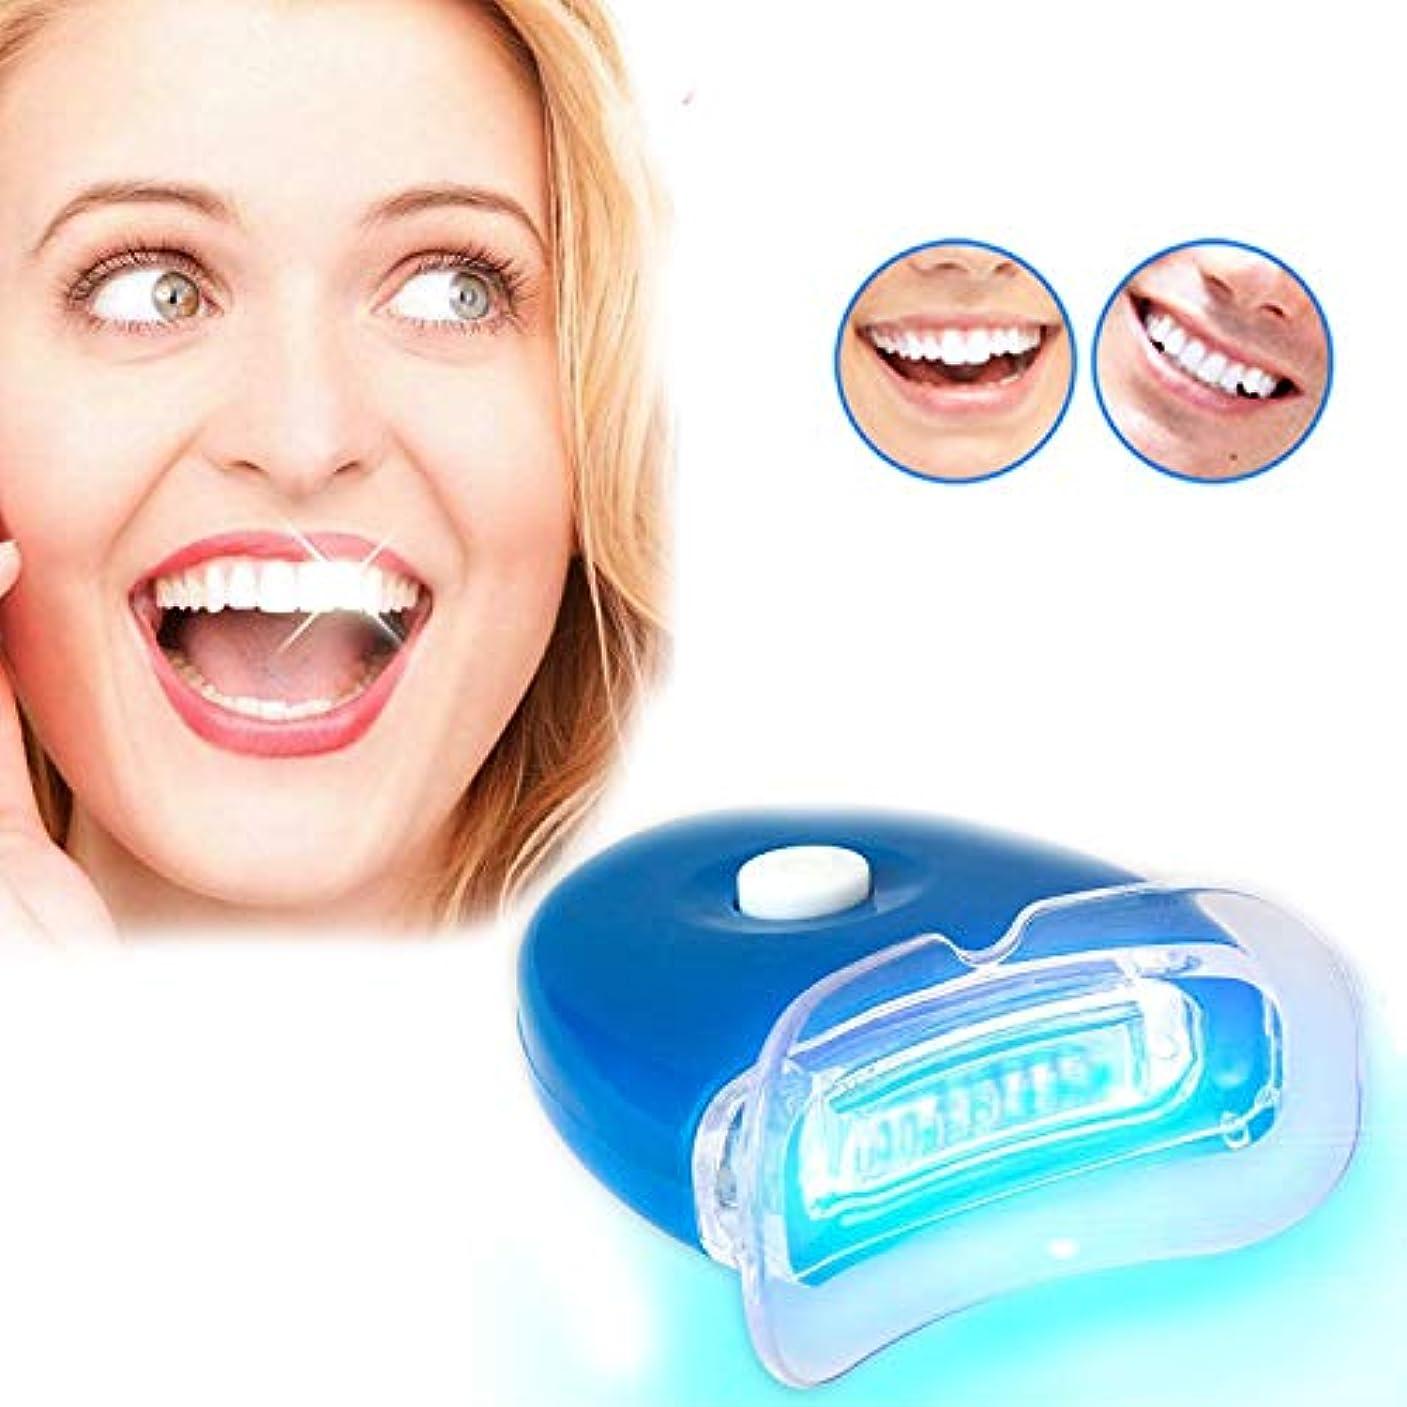 通常曲消毒する専門家を白くする歯はキット青いLEDライトを白くする電気歯科歯石の歯を取除きます